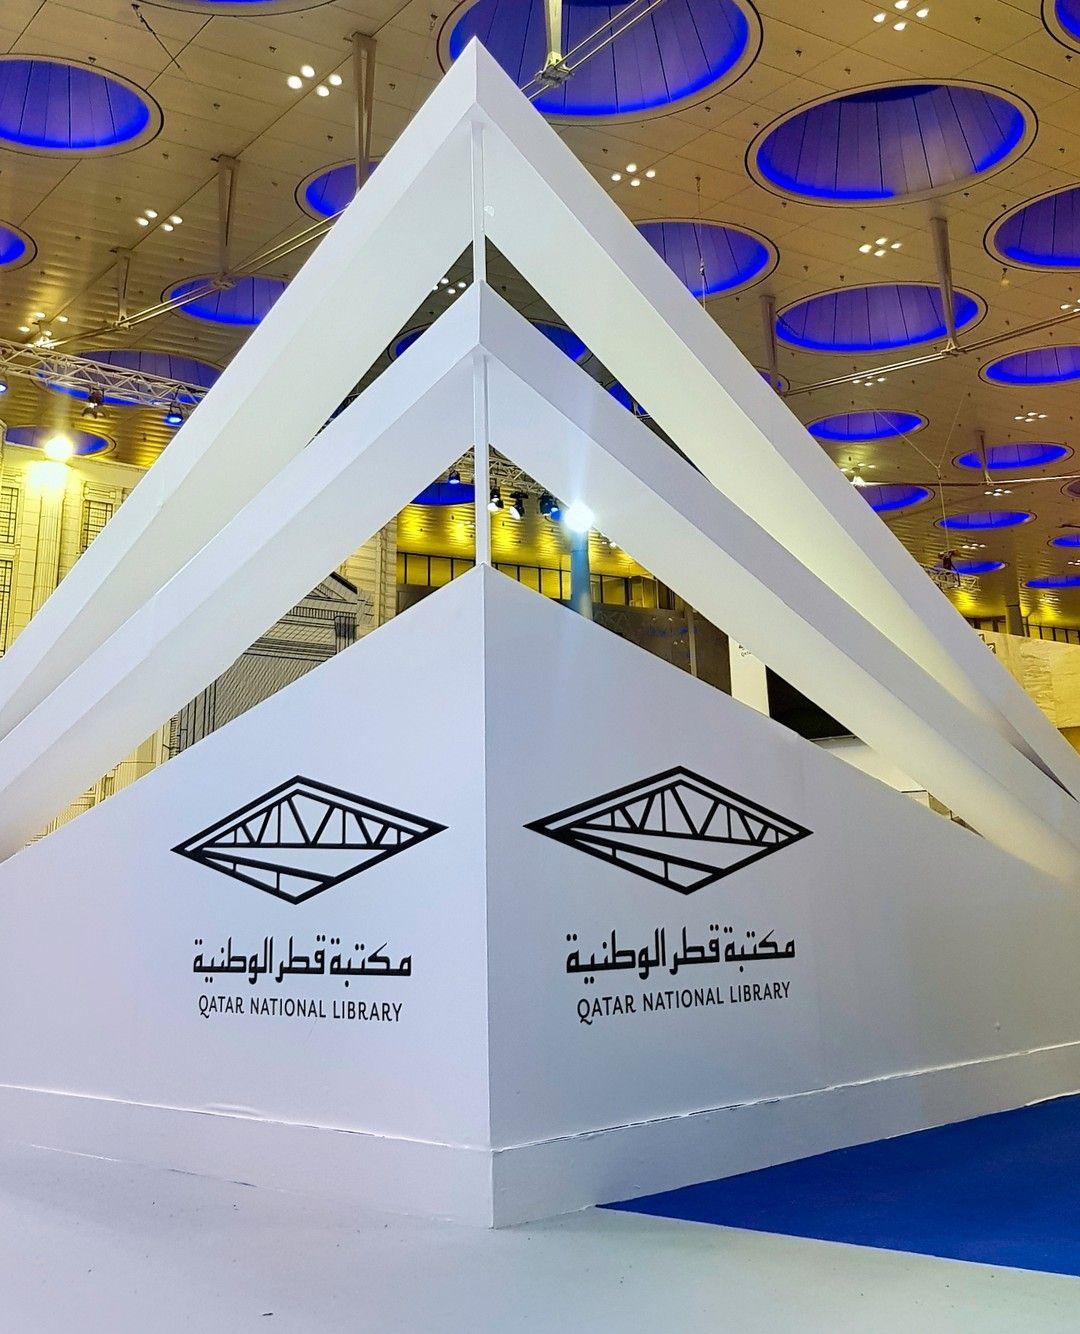 تضطلع مكتبة قطر الوطنية بمسؤولية الحفاظ على التراث الوطني لدولة قطر من خلال جمع التراث والتاريخ المكتوب الخاص بالدولة و Sydney Opera House Opera House Building